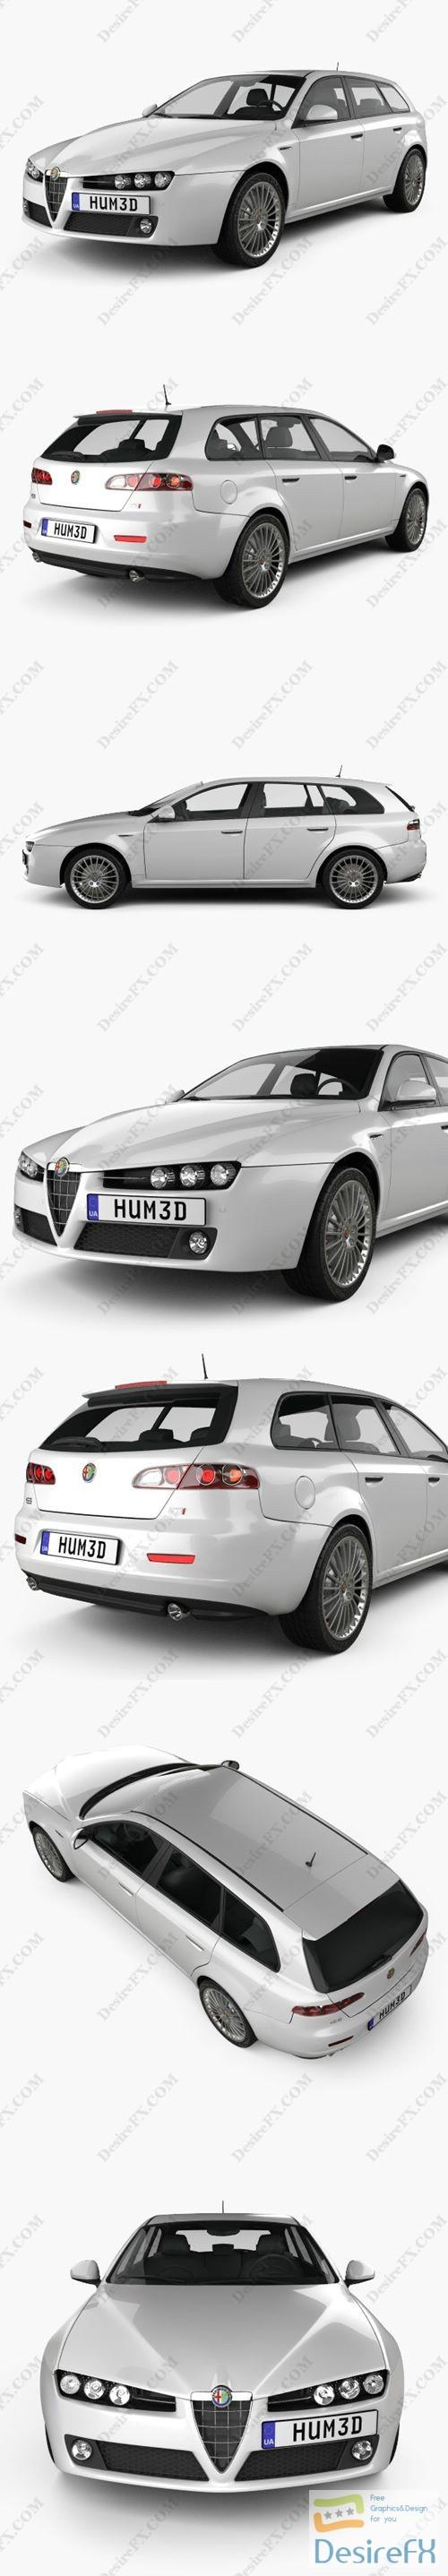 3d-models - Alfa Romeo 159 Sportwagon 2011 3D Model